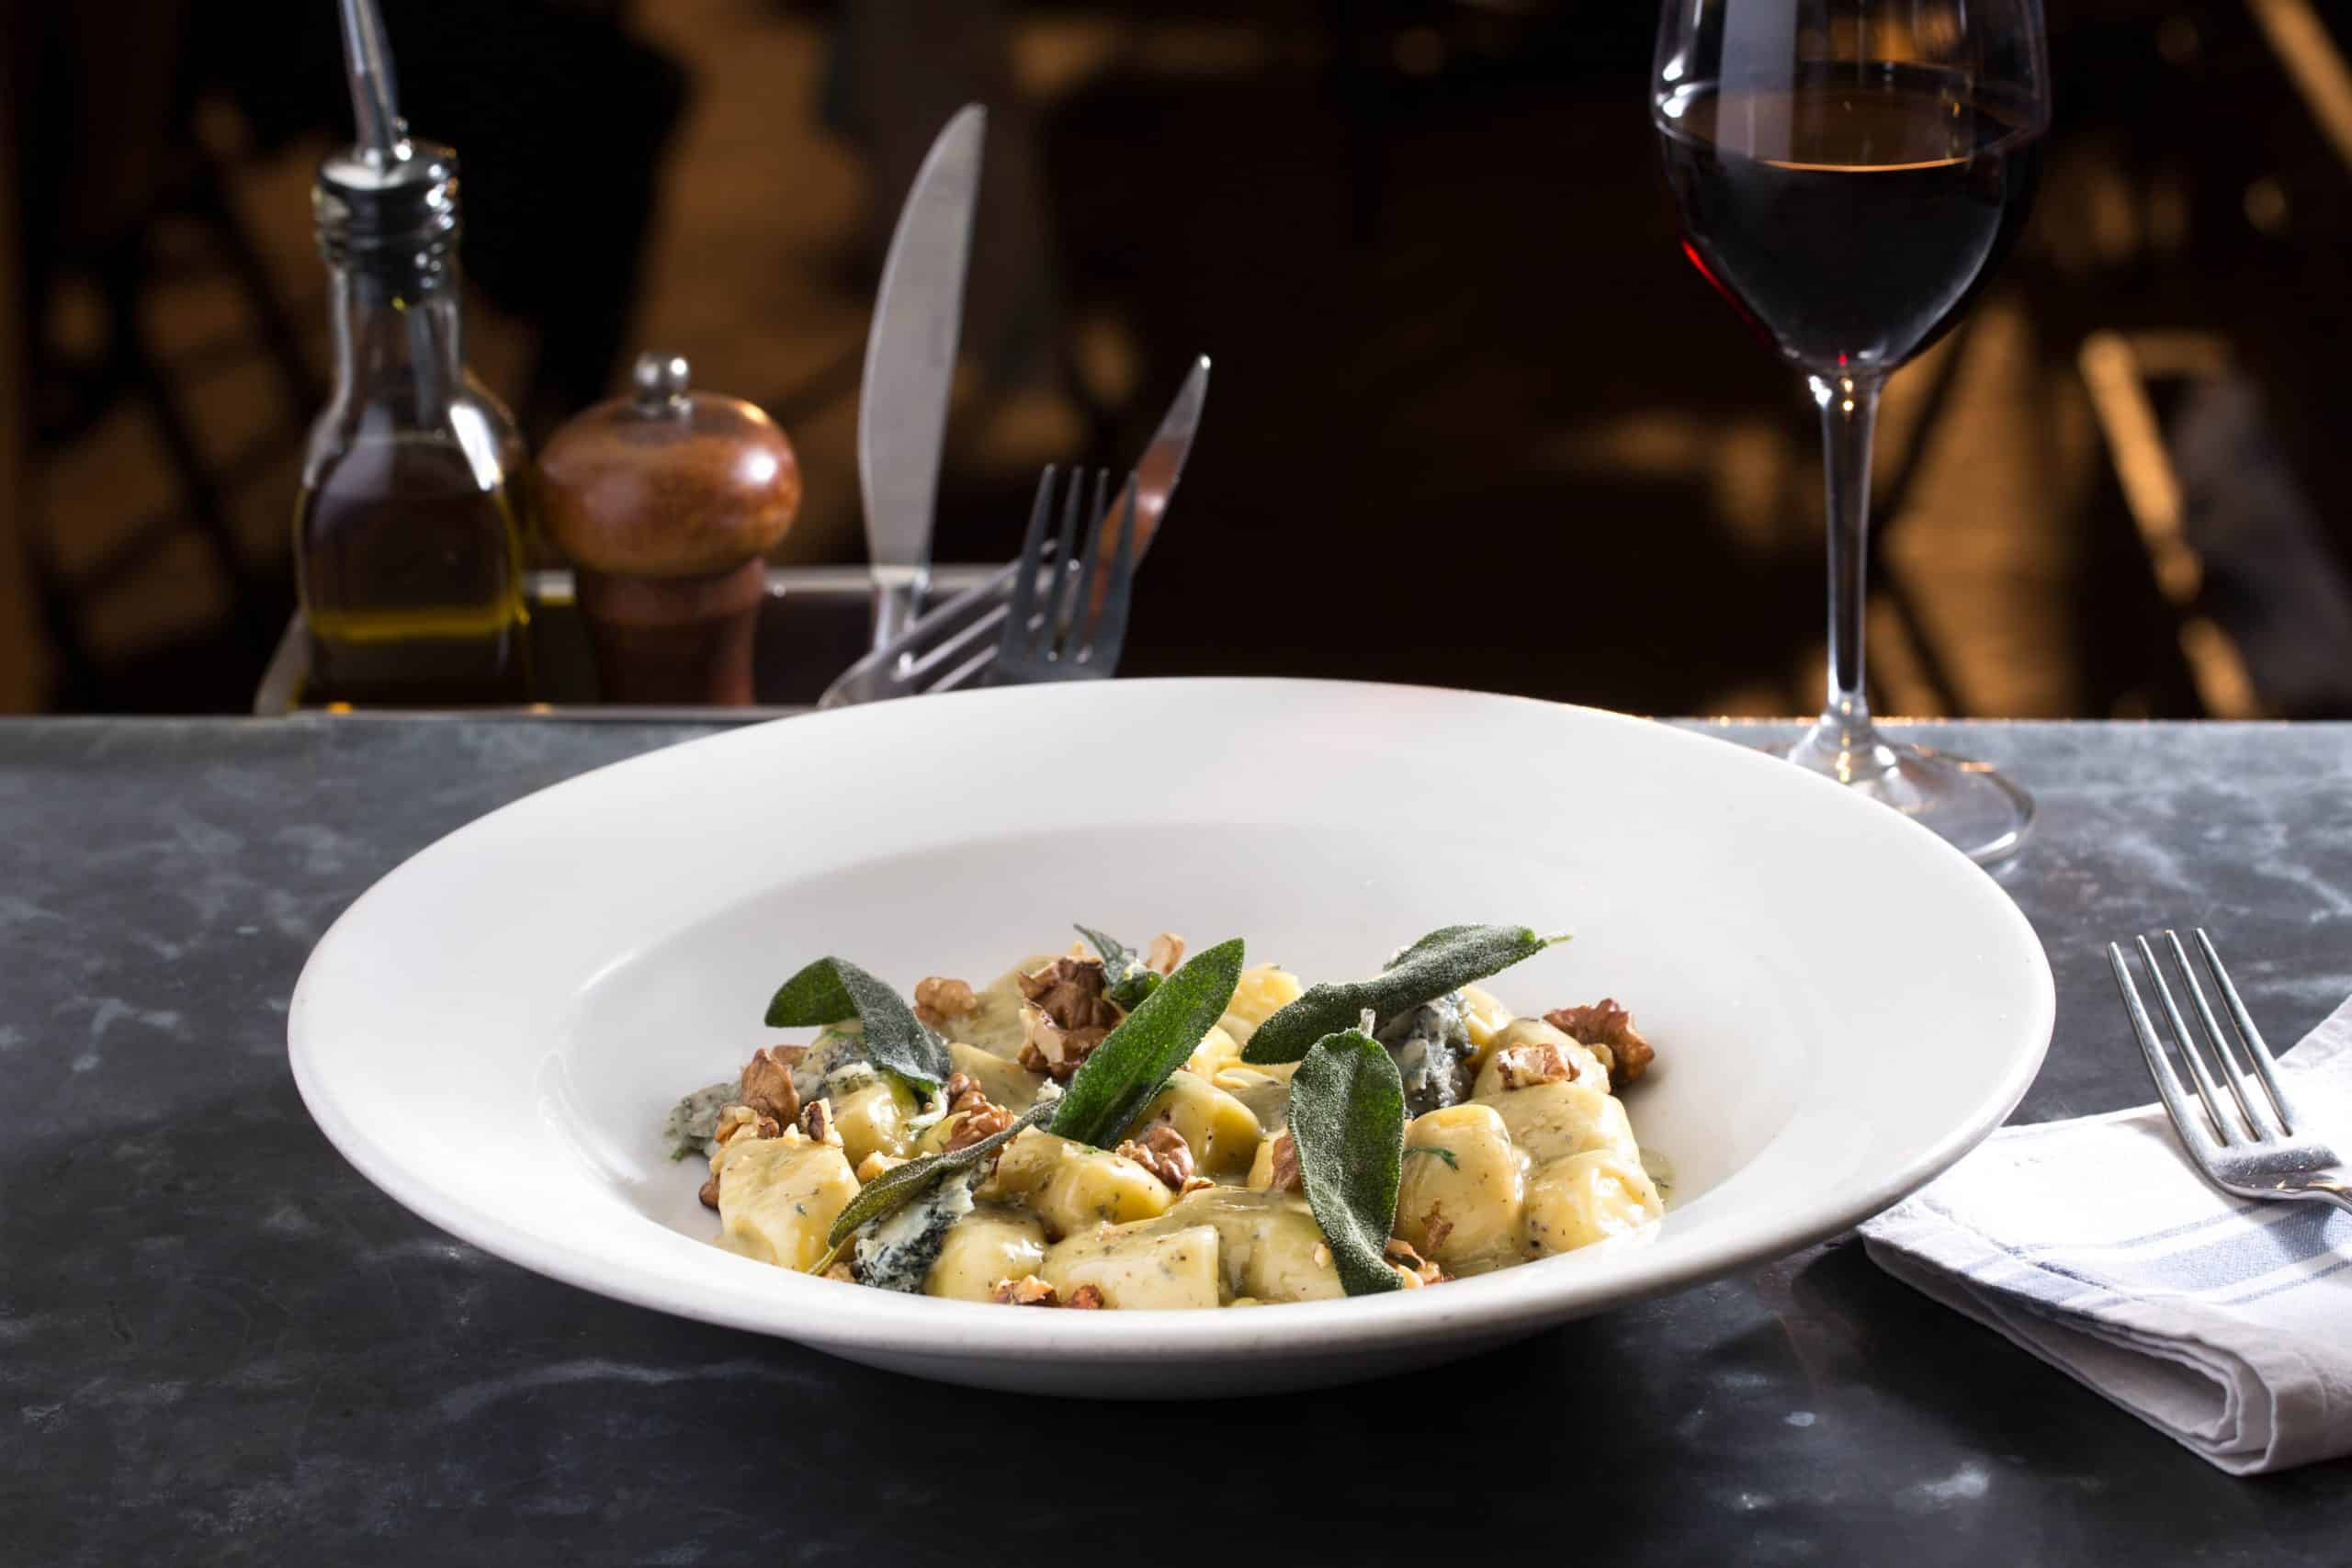 Gnocchi recipe with Gorgonzola, sage & walnuts 10 Greek Street